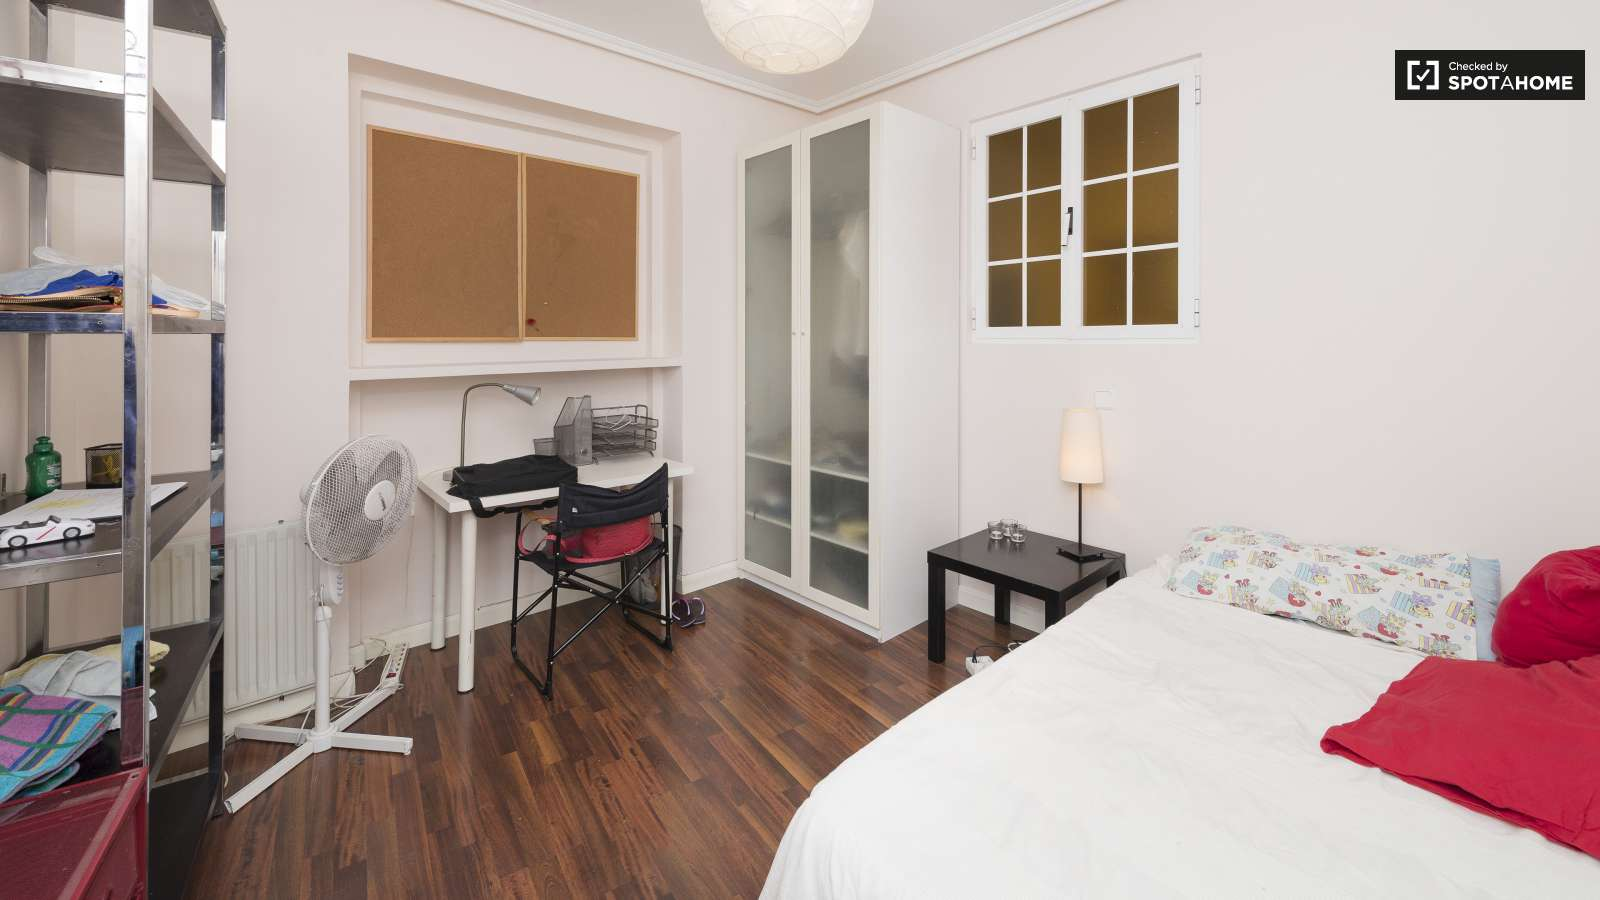 Acogedora habitaci n en piso compartido en delicias for Alquiler piso delicias madrid